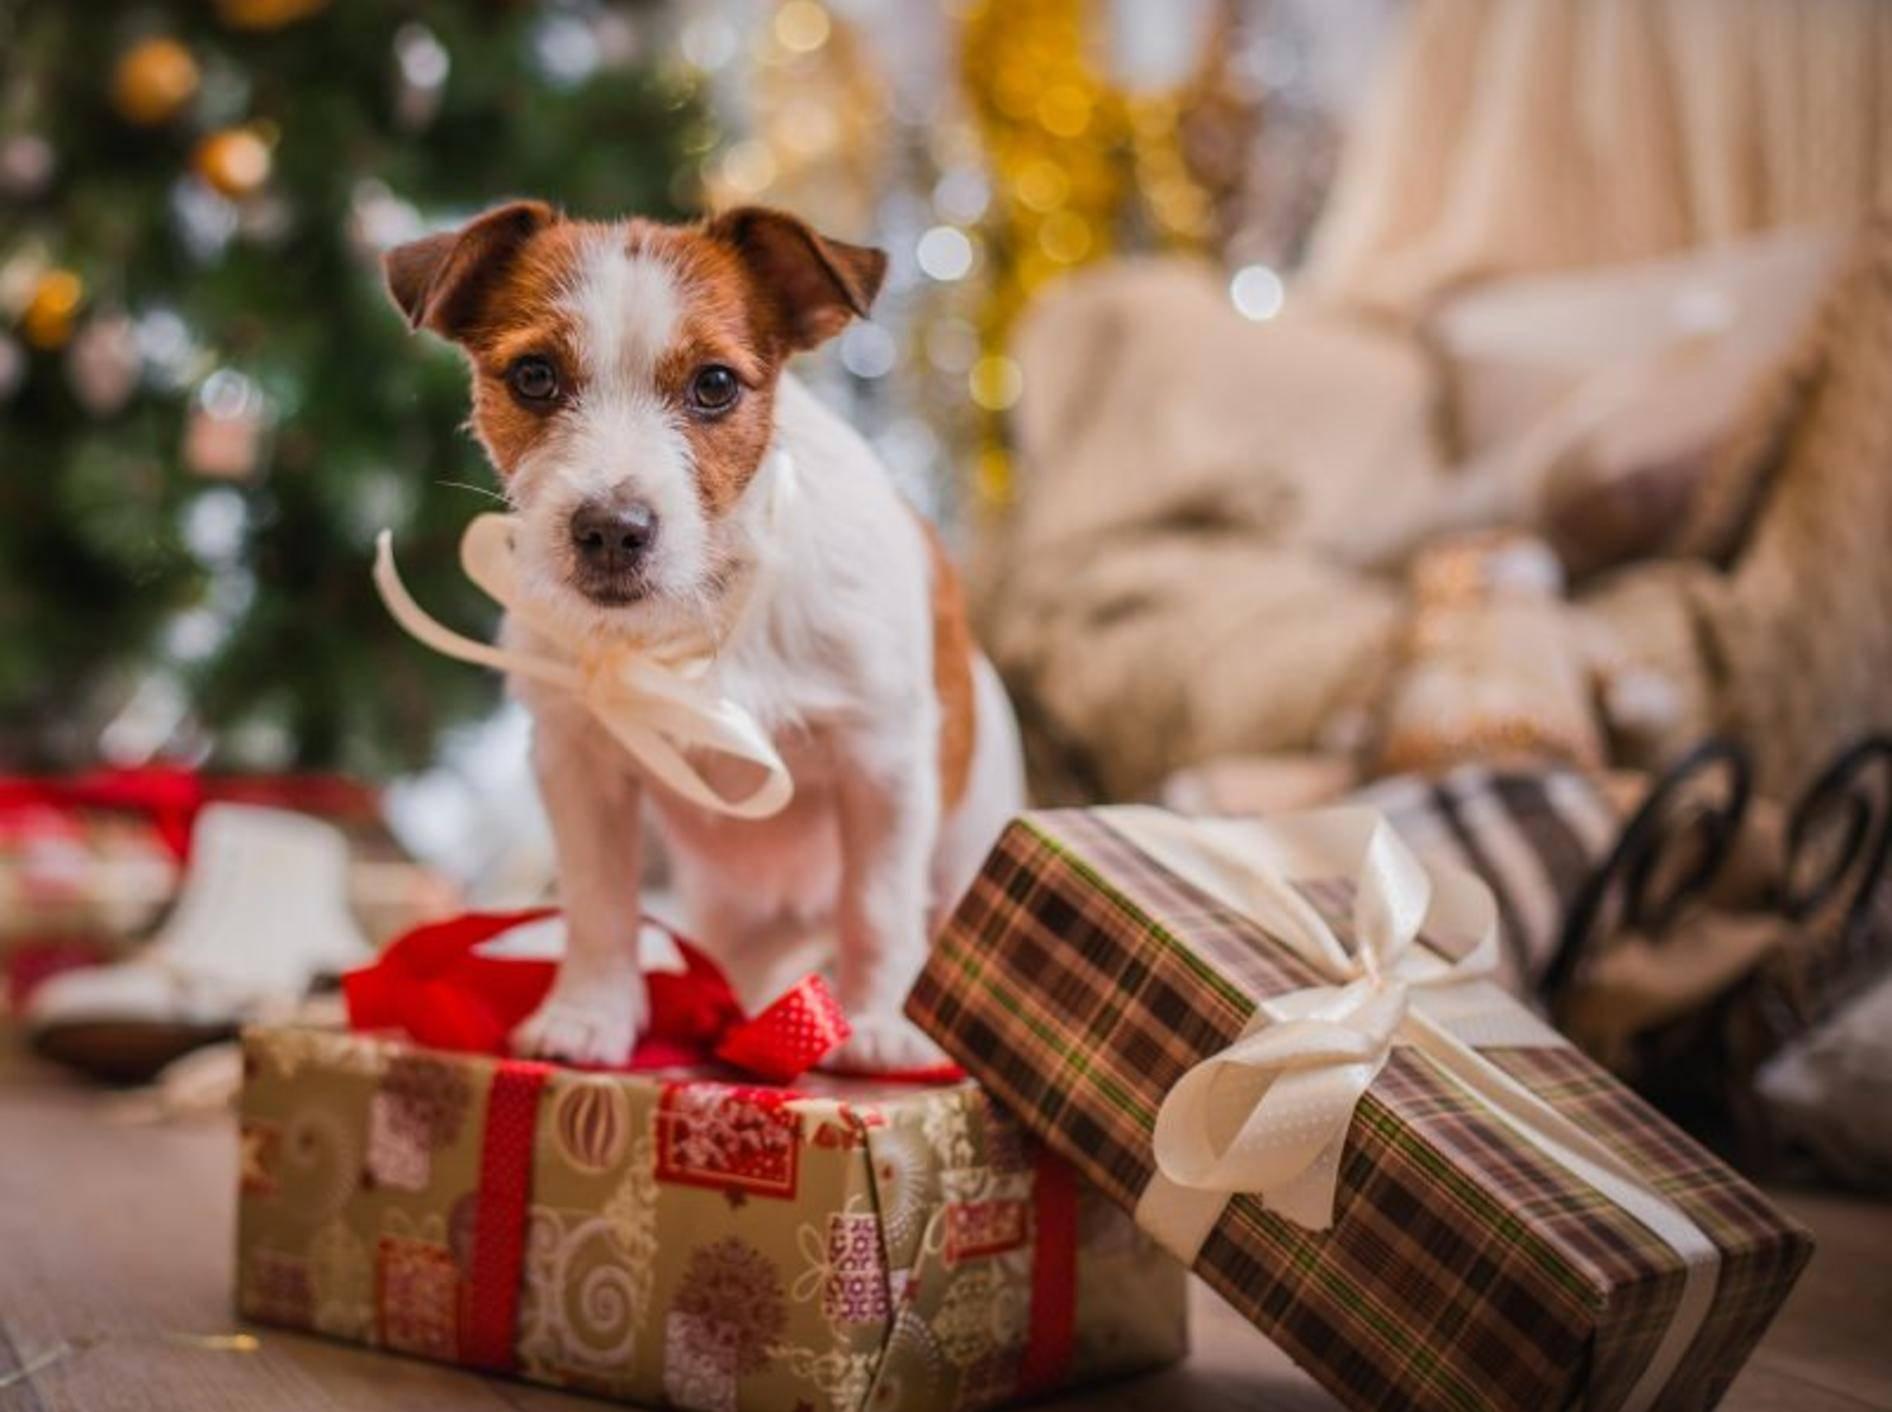 Schöner Weihnachtsspaß: Geschenke für Hunde – Bild: Shutterstock / dezi